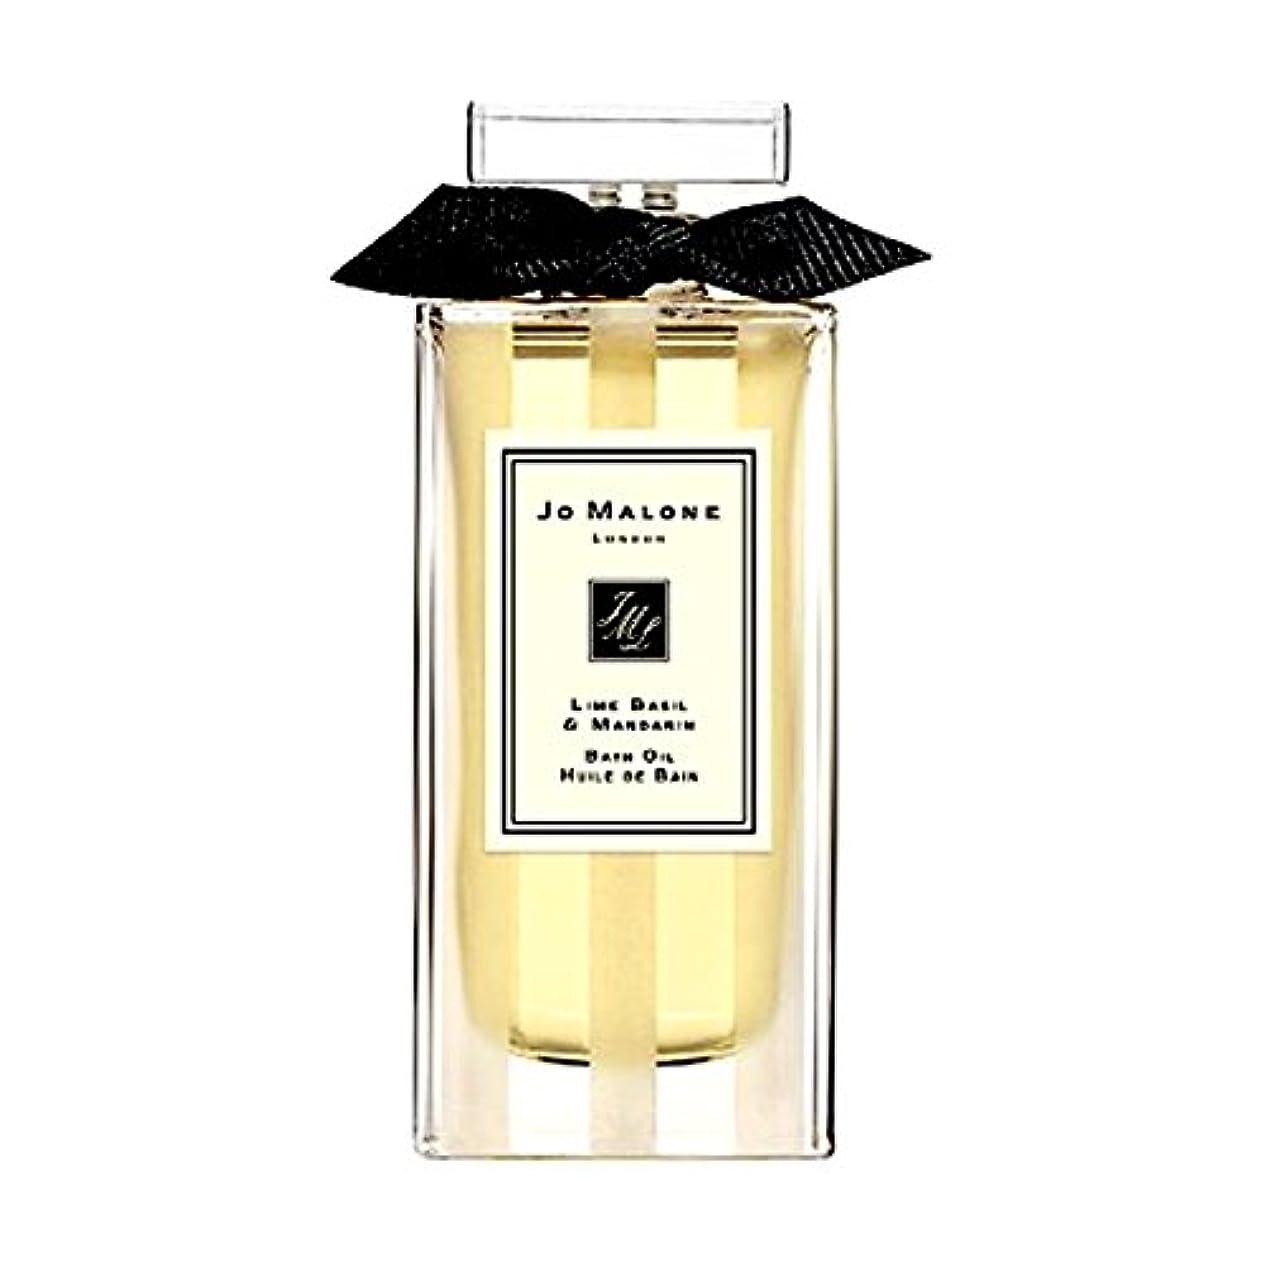 トランスミッションルーチン領域Jo Maloneジョーマローン, バスオイル -ライムバジル&マンダリン (30ml),' Lime Basil & Mandarin' Bath Oil (1oz) [海外直送品] [並行輸入品]